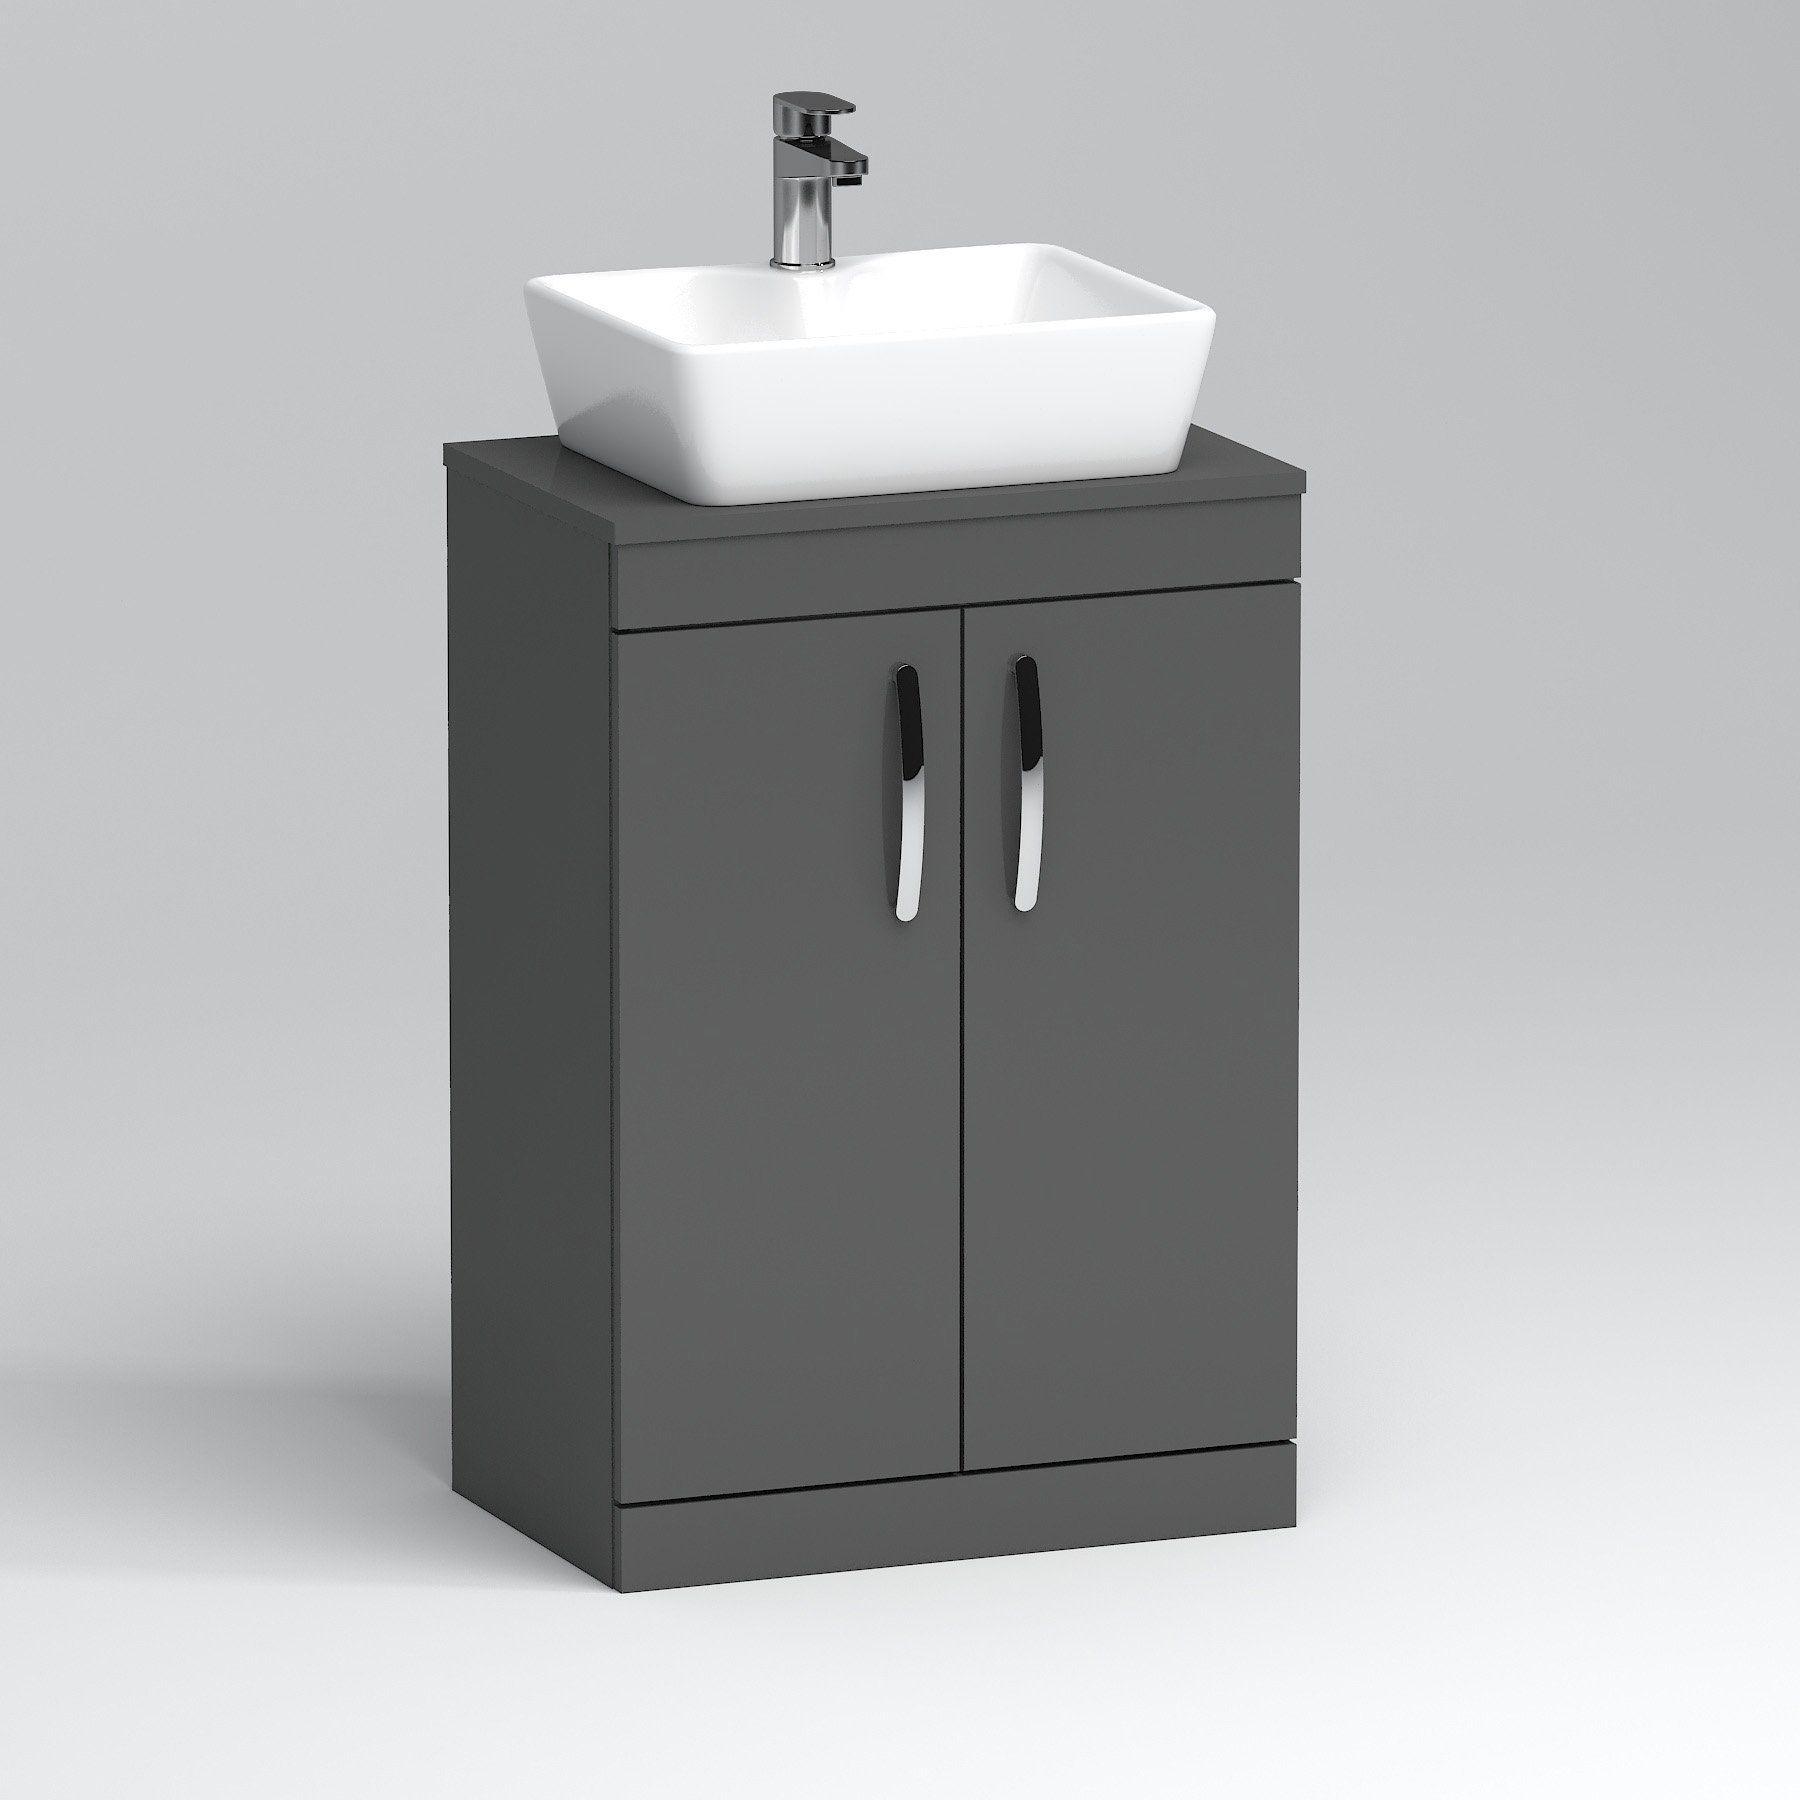 500 600mm Floor Standing Vanity Unit 2 Door Indigo Grey Gloss